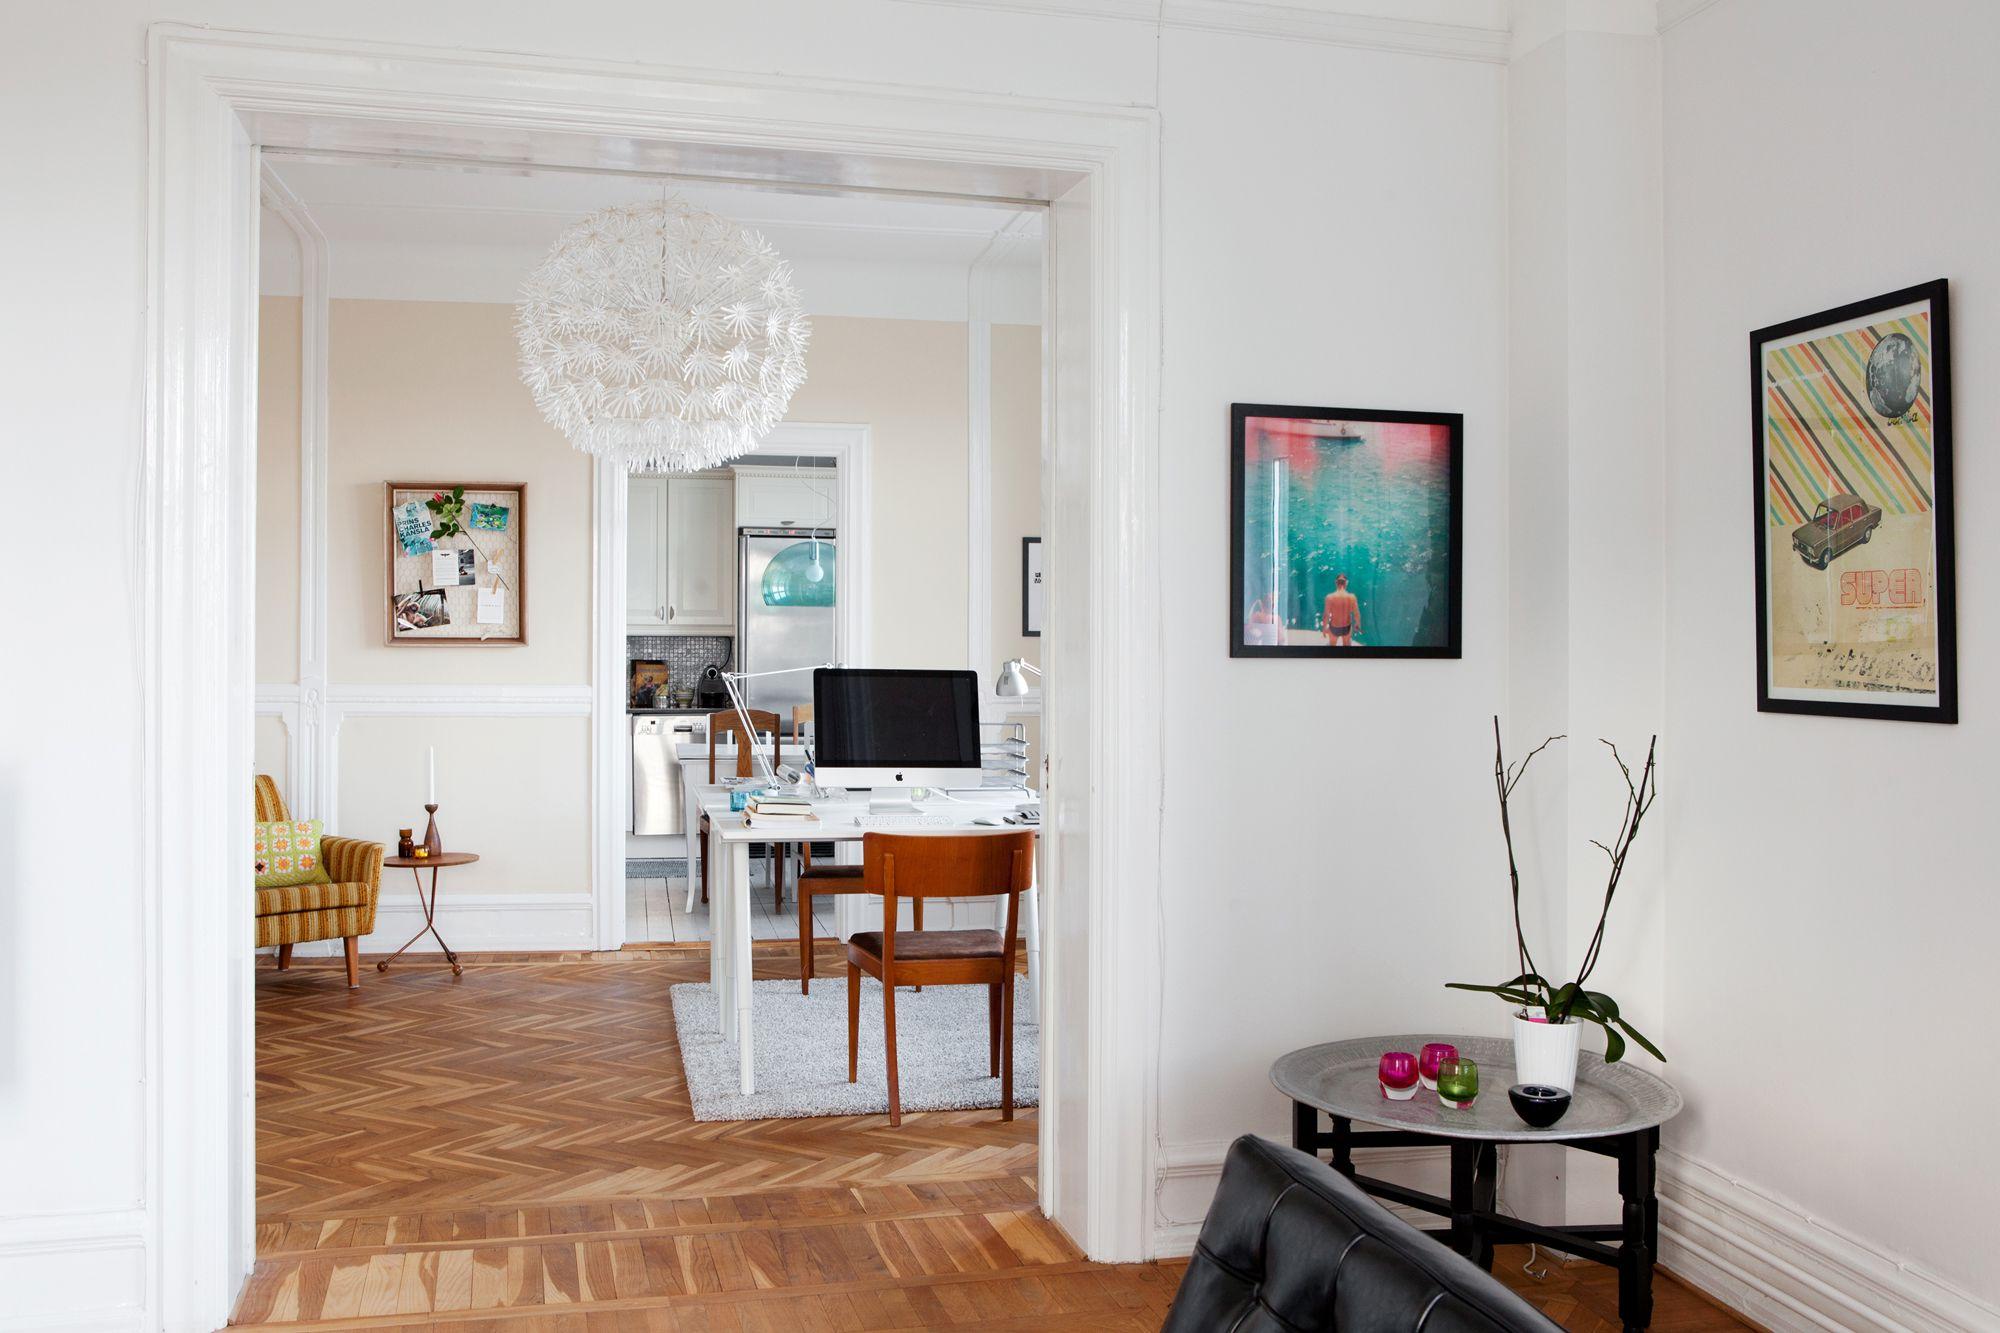 Oficina para dos en el coraz n de la casa blog tienda - Decoracion despachos en casa ...